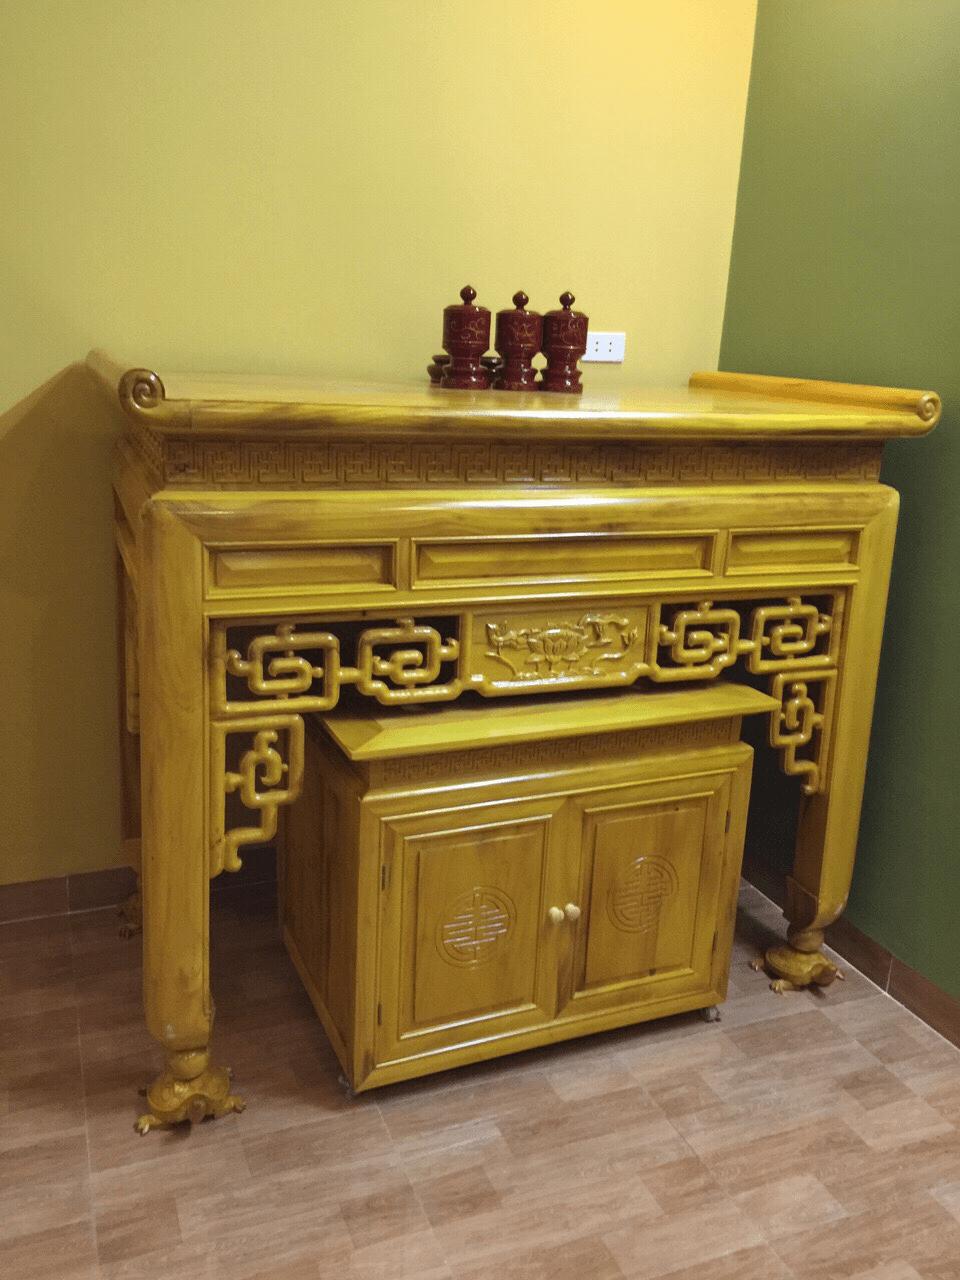 Mộc Gia địa chỉ sản xuất và phân phối bàn thờ gỗ Mít chất lượng